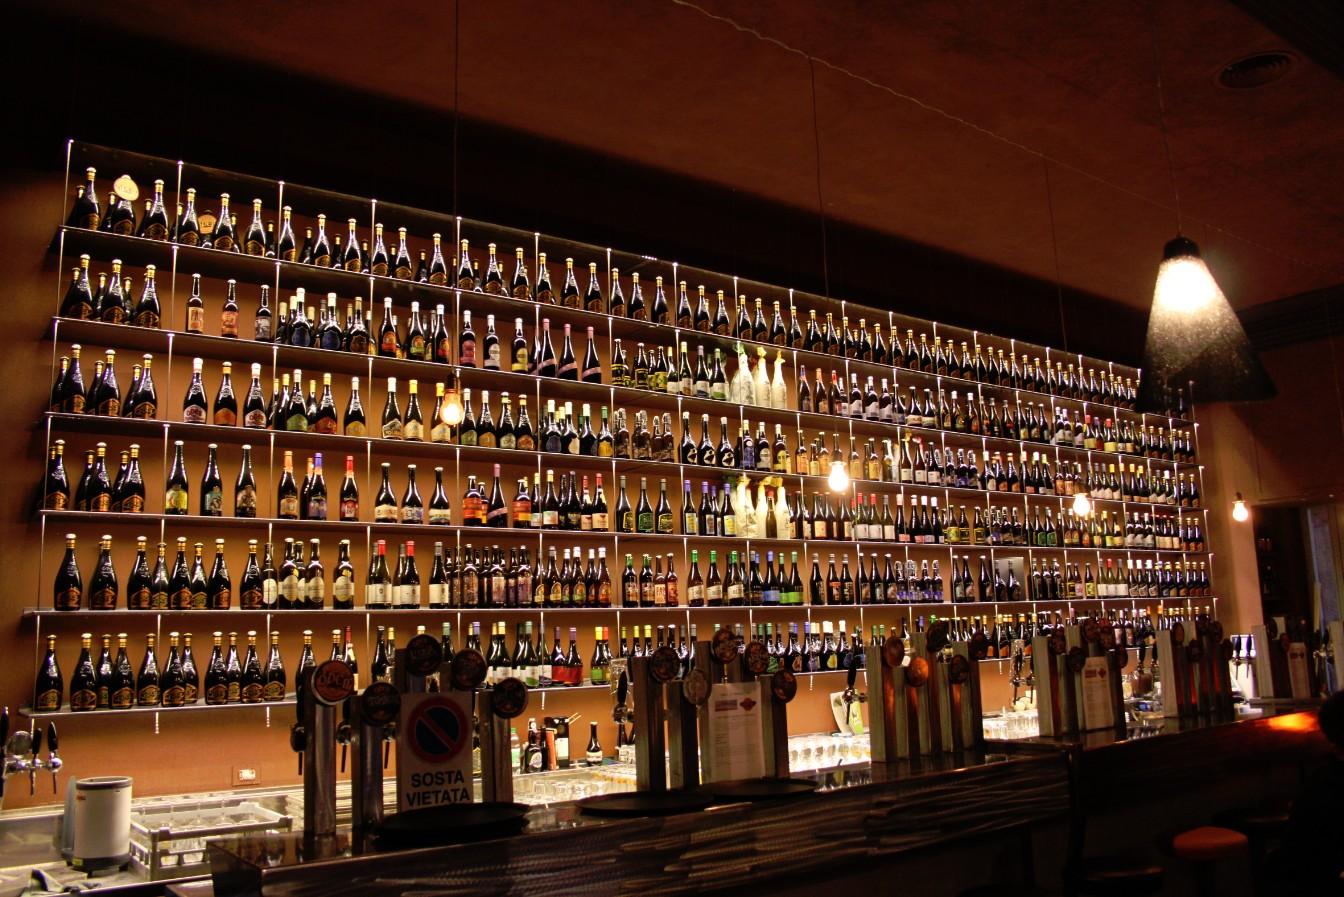 cool bar ideas in garage - Cervezas de estación en Roma Verema